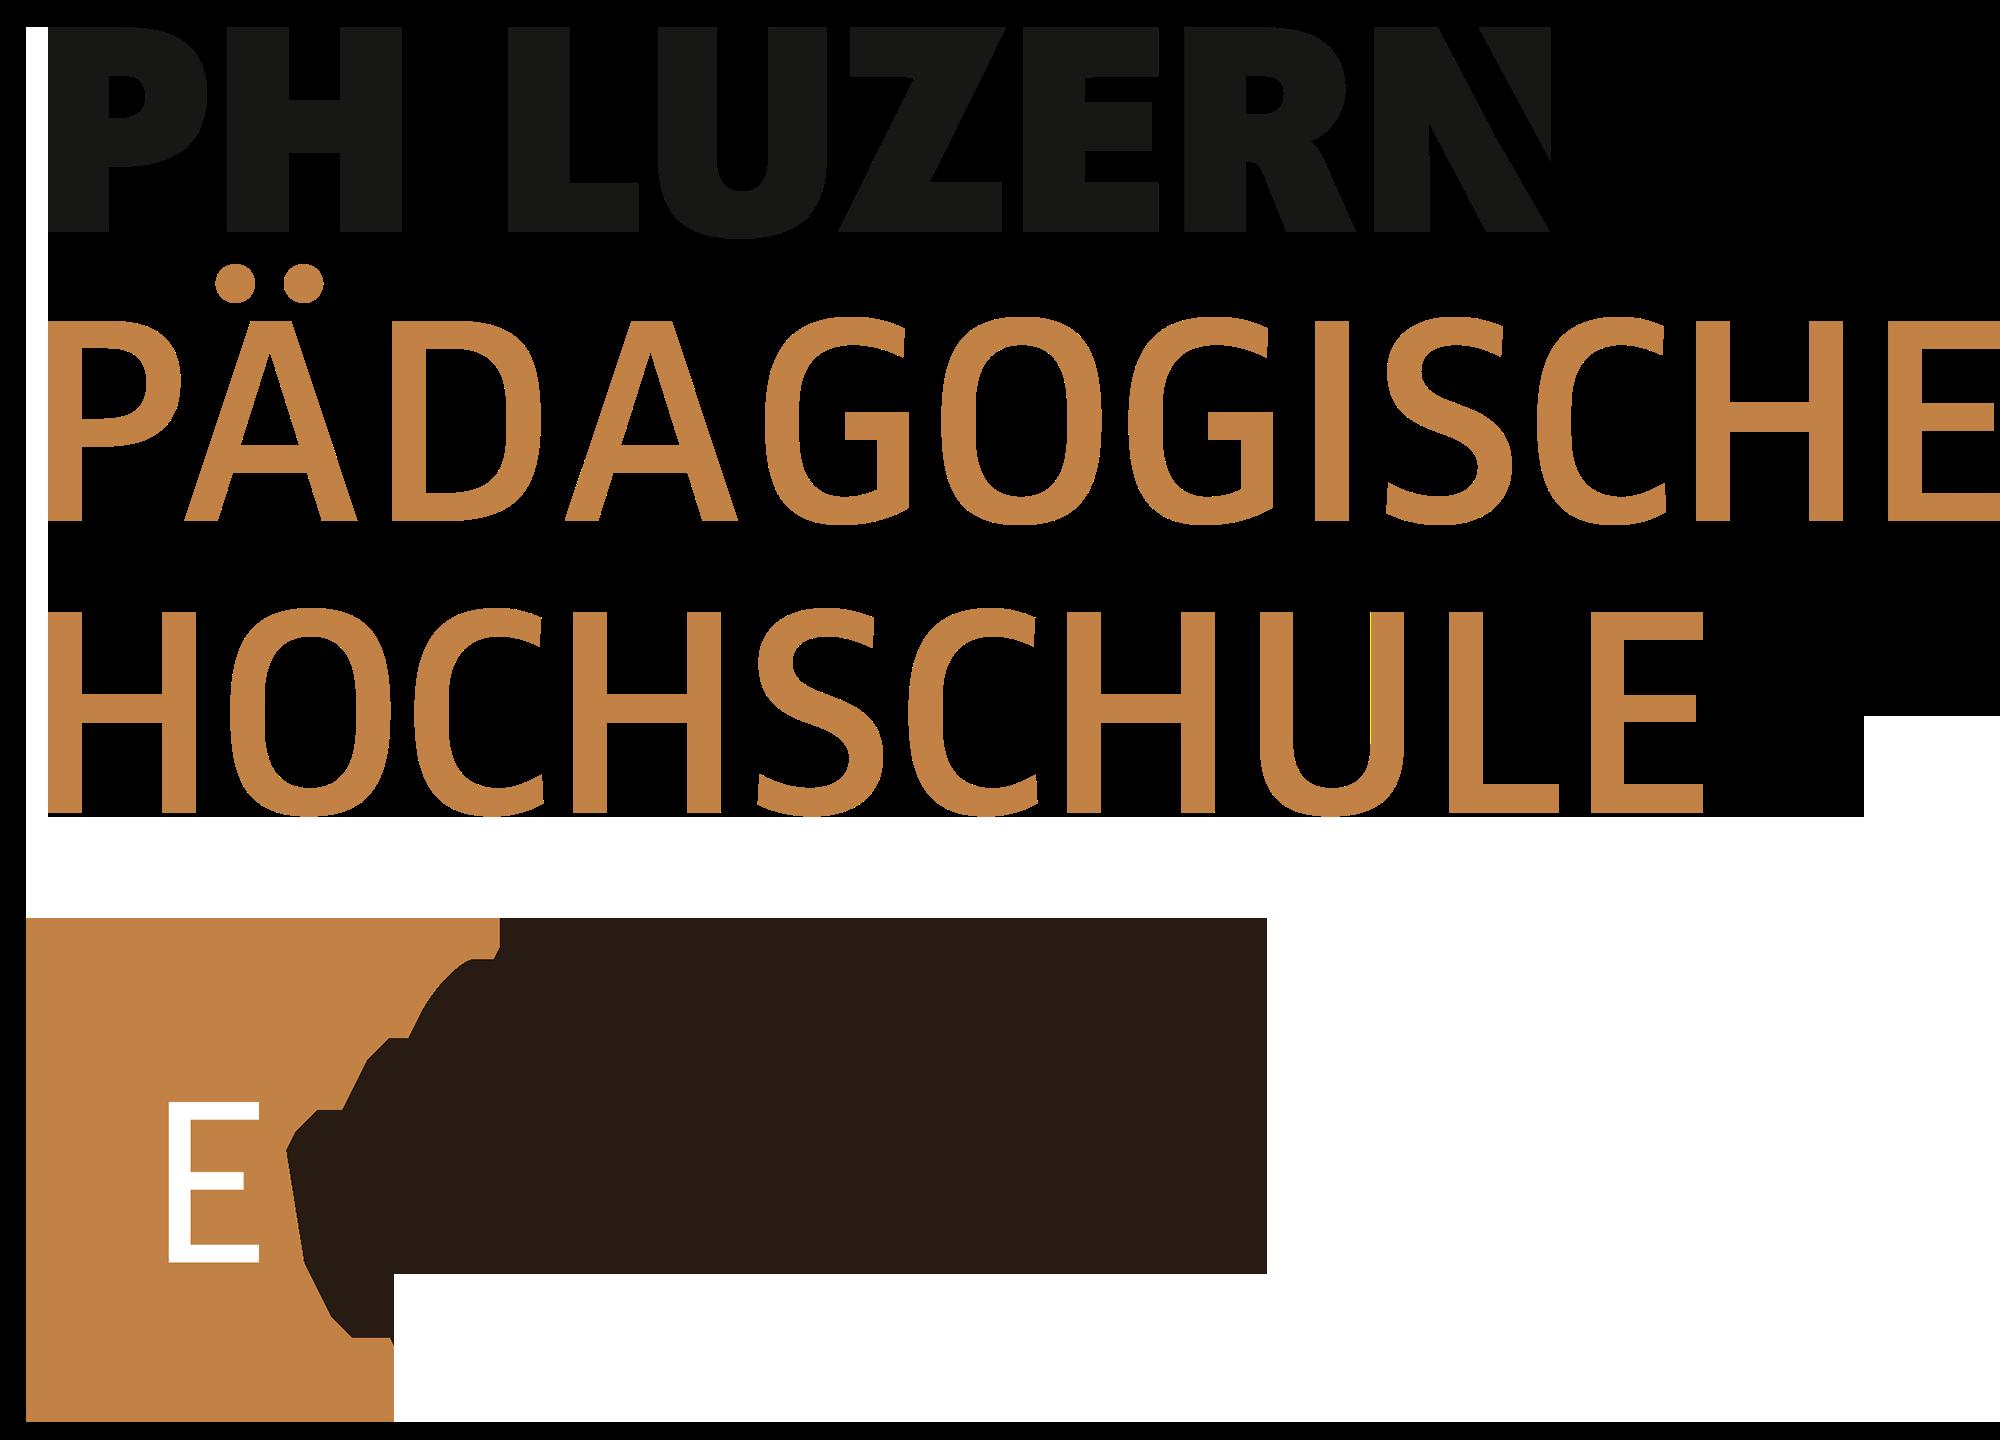 PH Luzern - Pädagogische Hochschule